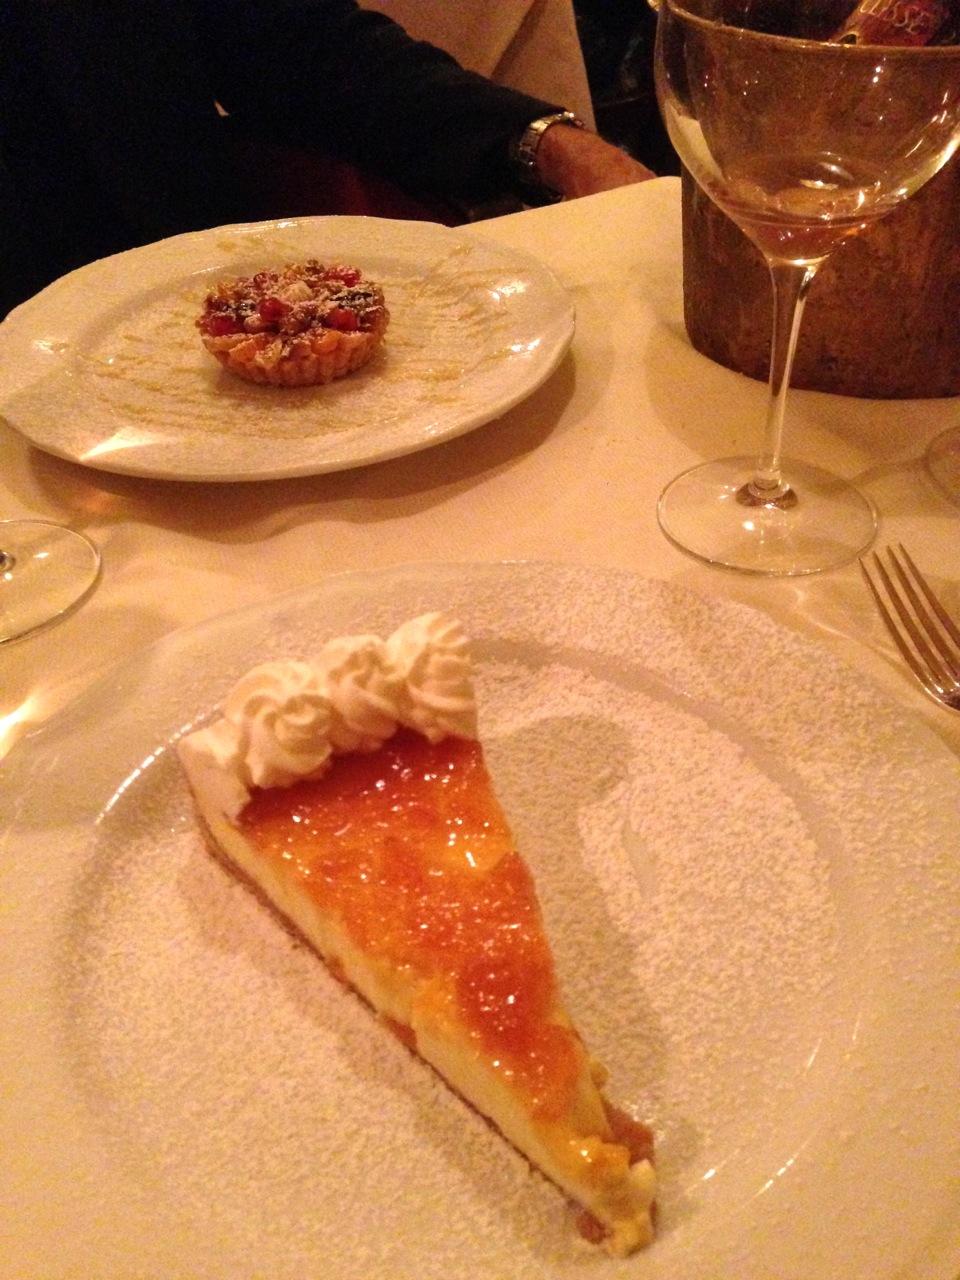 De sobremesa cheesecake com geléia de laranja amarga e doce de frutas secas com molho à la Bavarese.  Além da velhinha que chegou depois!!  Hmmmmmm!!! Foi ótimo!!!  E com aquele timing meio lento de jantar gostoso e memorável!!  Fiquei muito feliz!